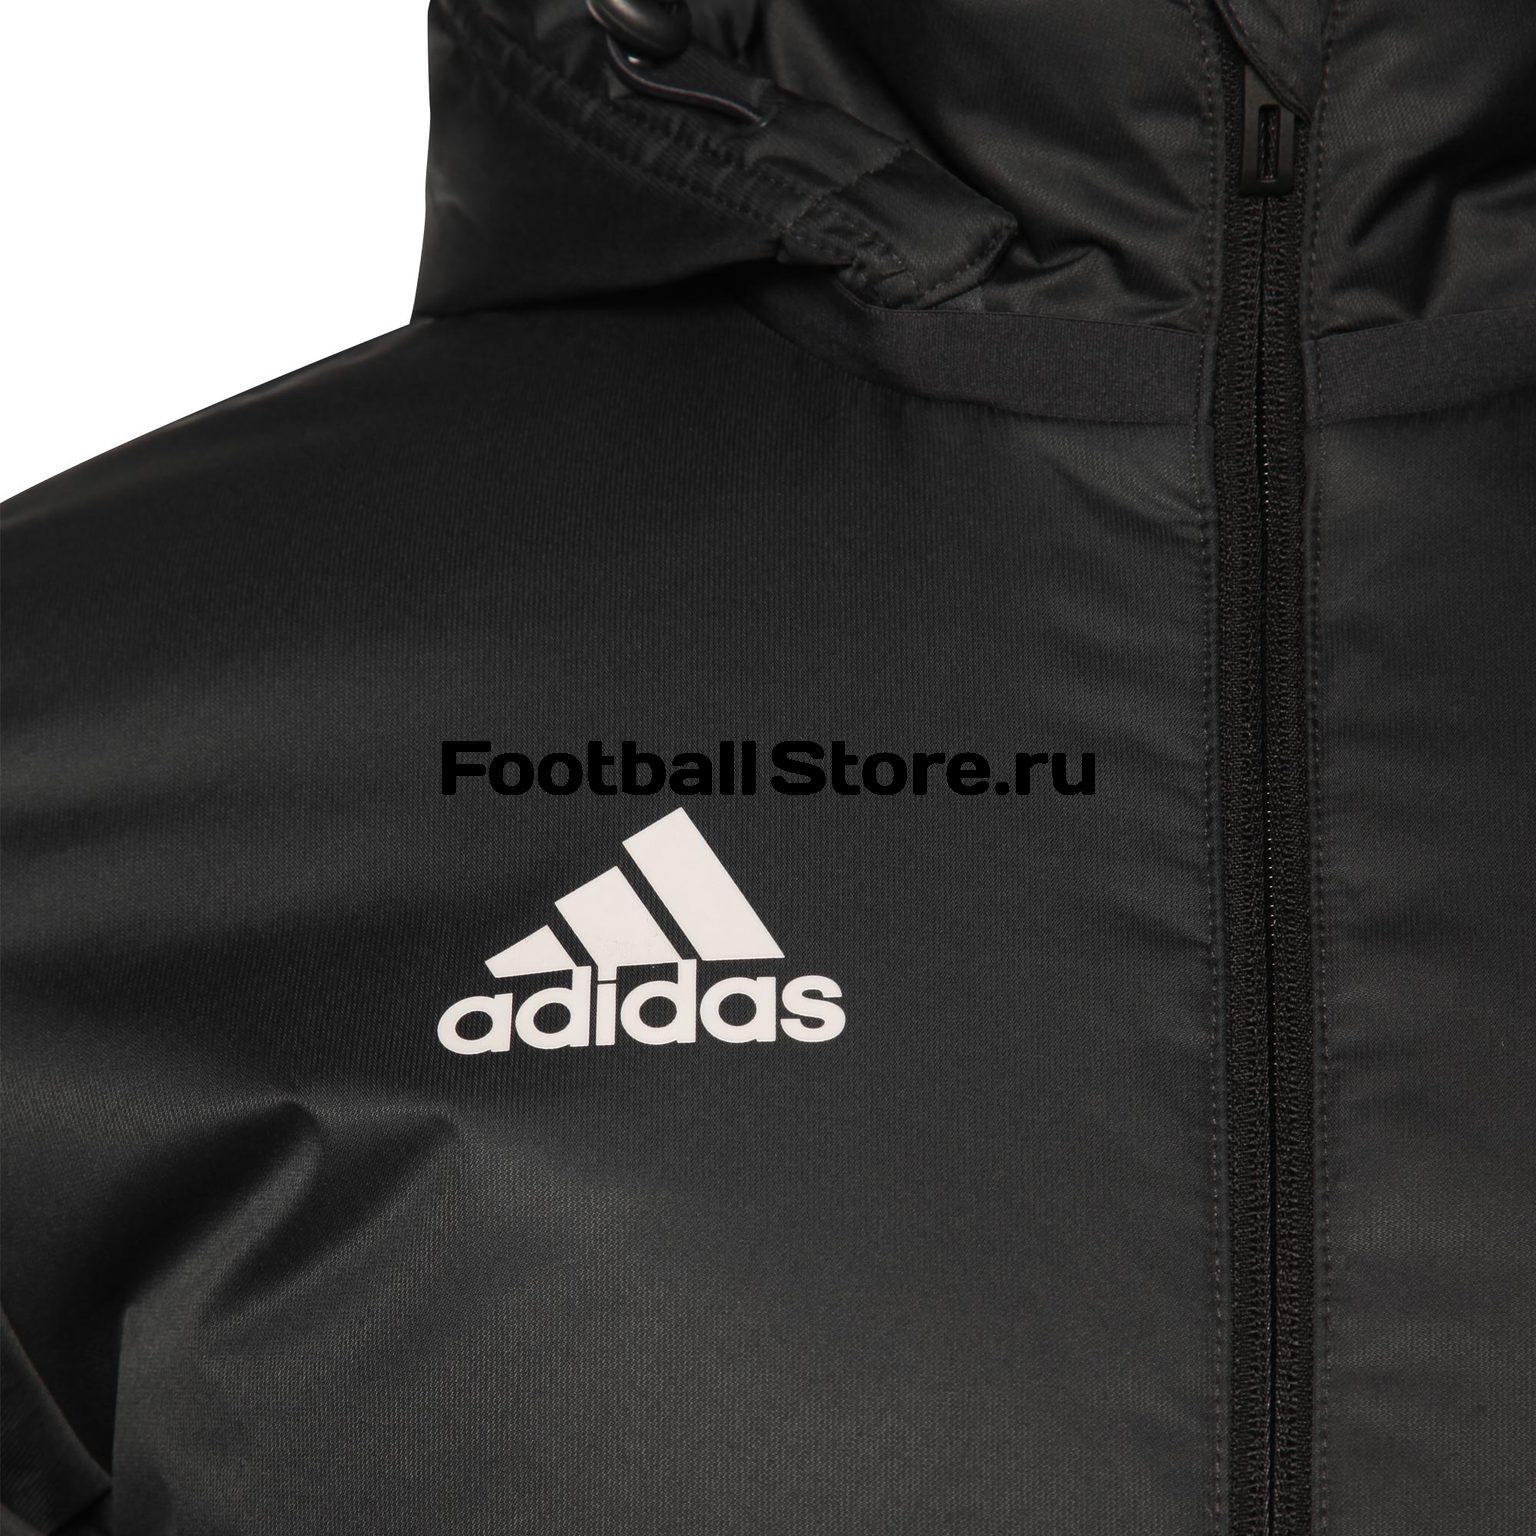 8d10609a Куртка Adidas Tiro17 Winter JKTL BS0053 – купить в интернет магазине ...